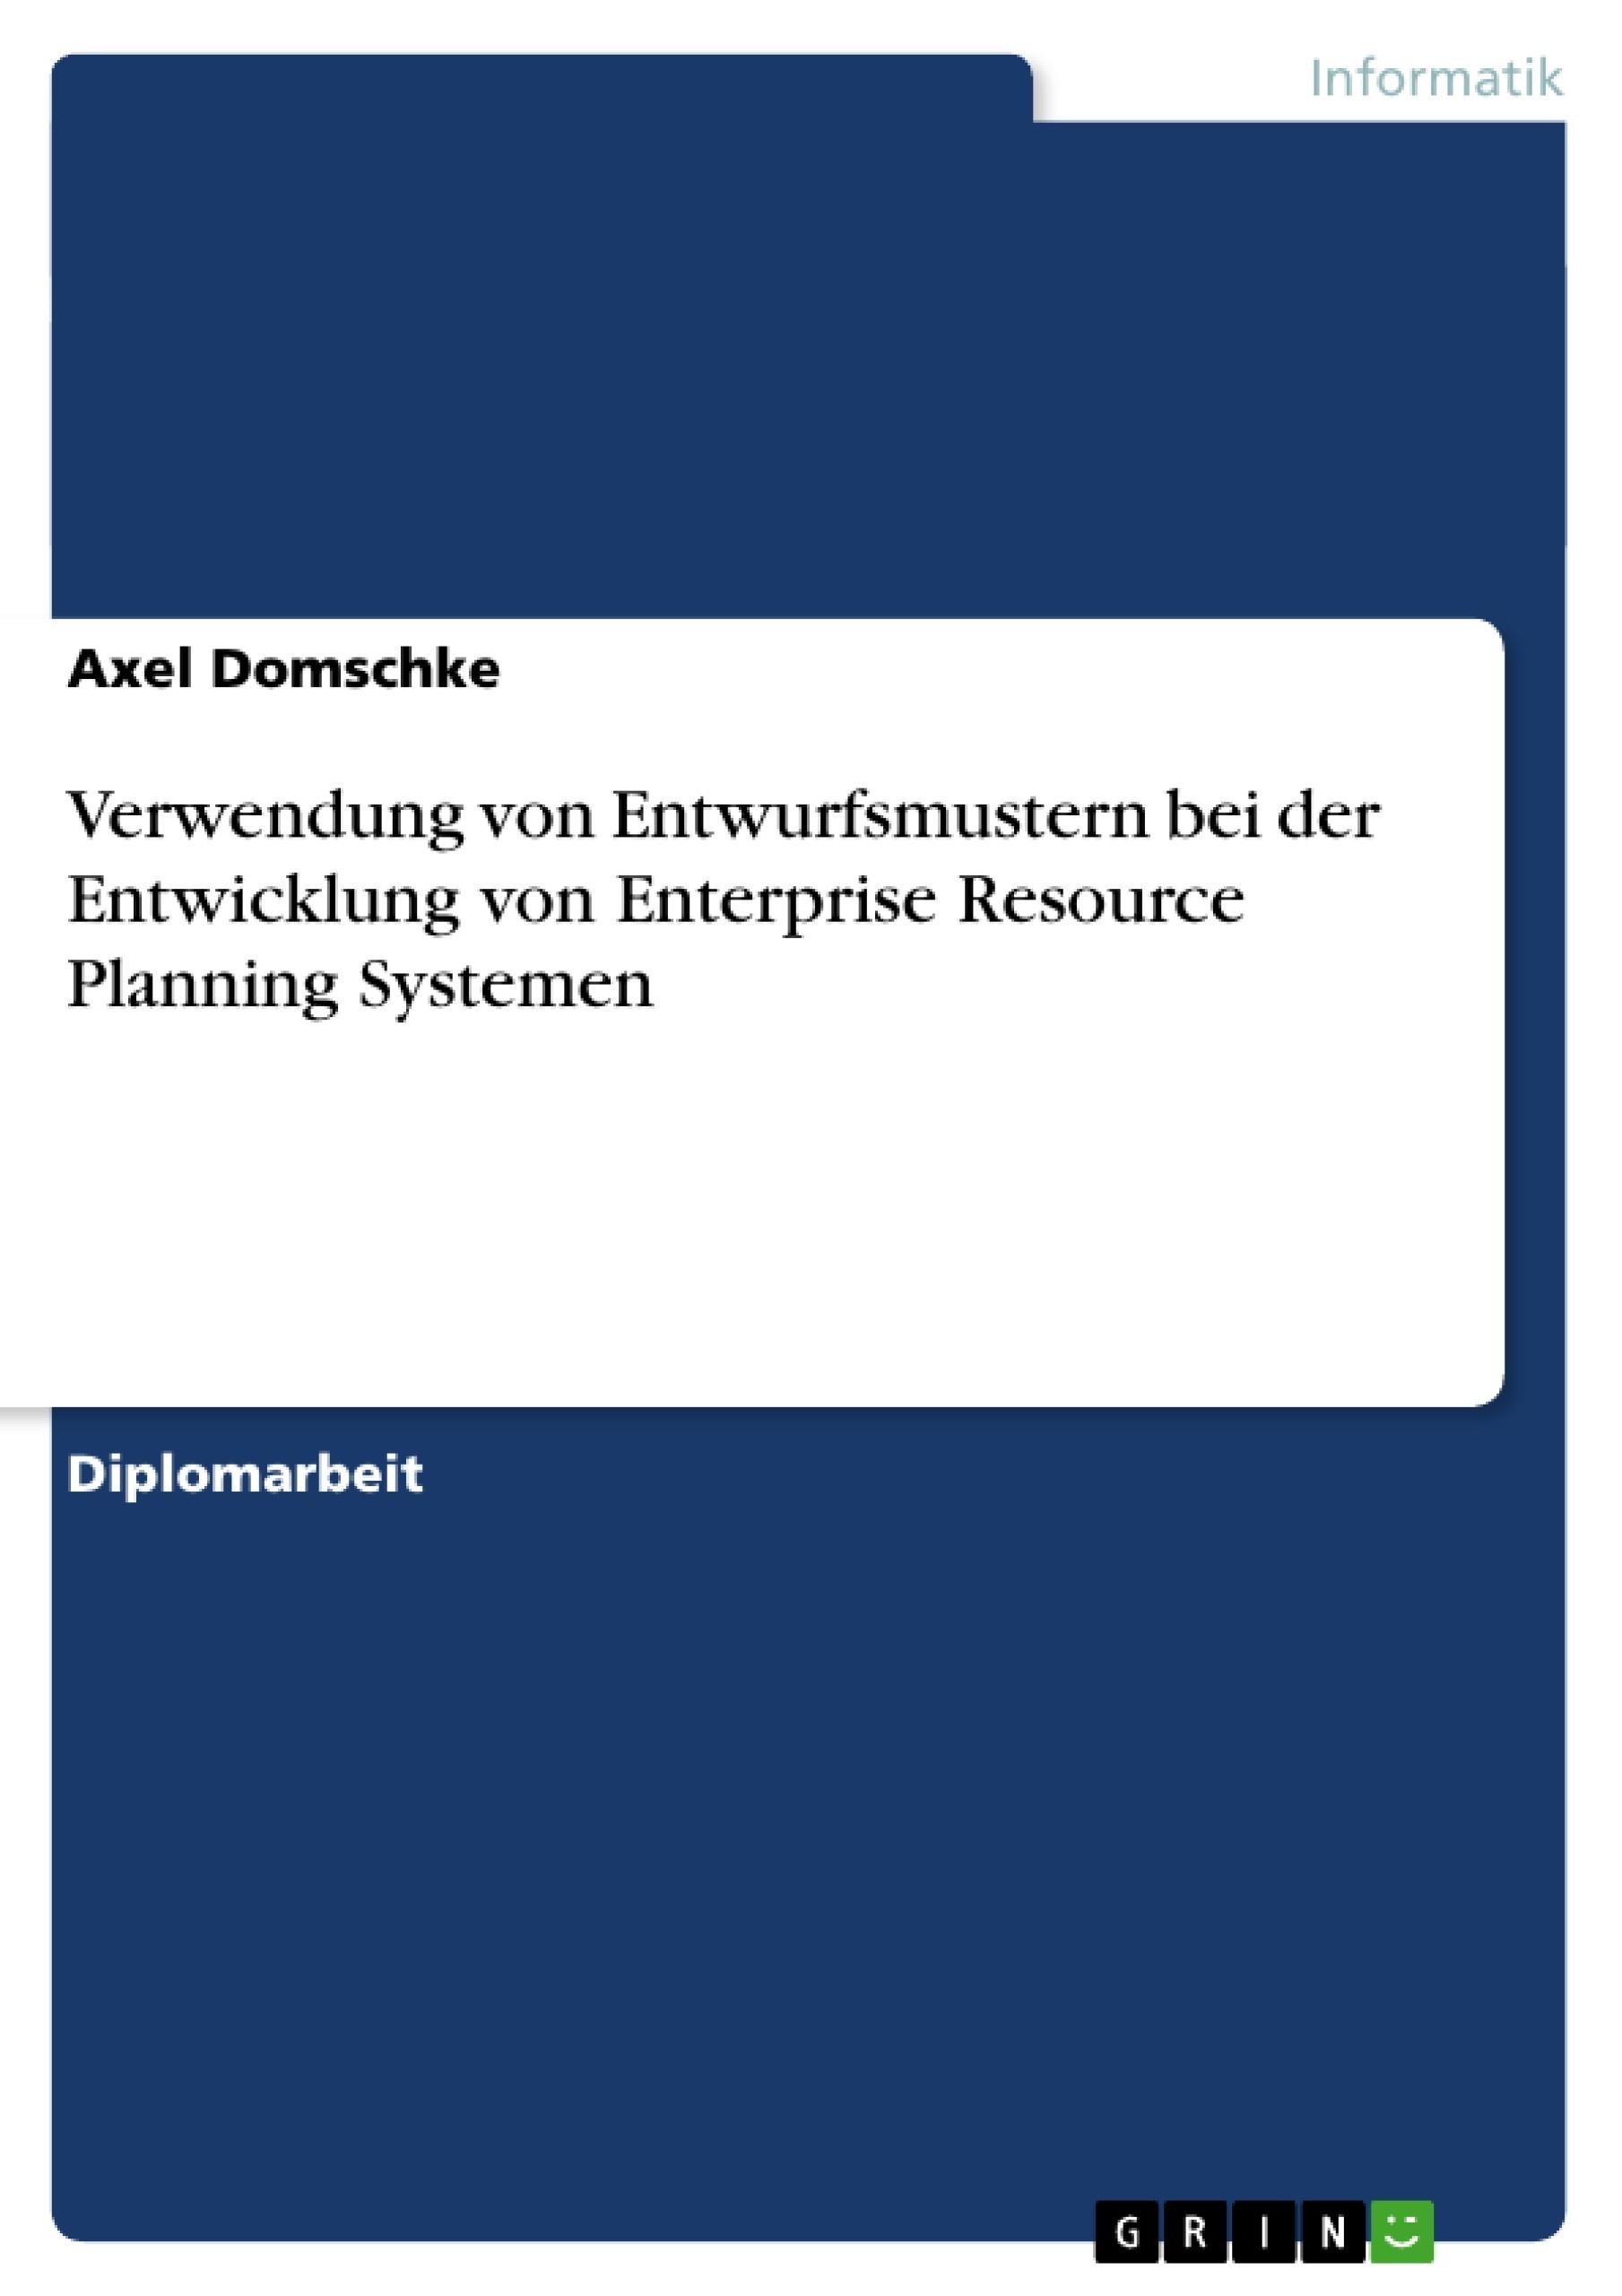 Titel: Verwendung von Entwurfsmustern bei der Entwicklung von Enterprise Resource Planning Systemen